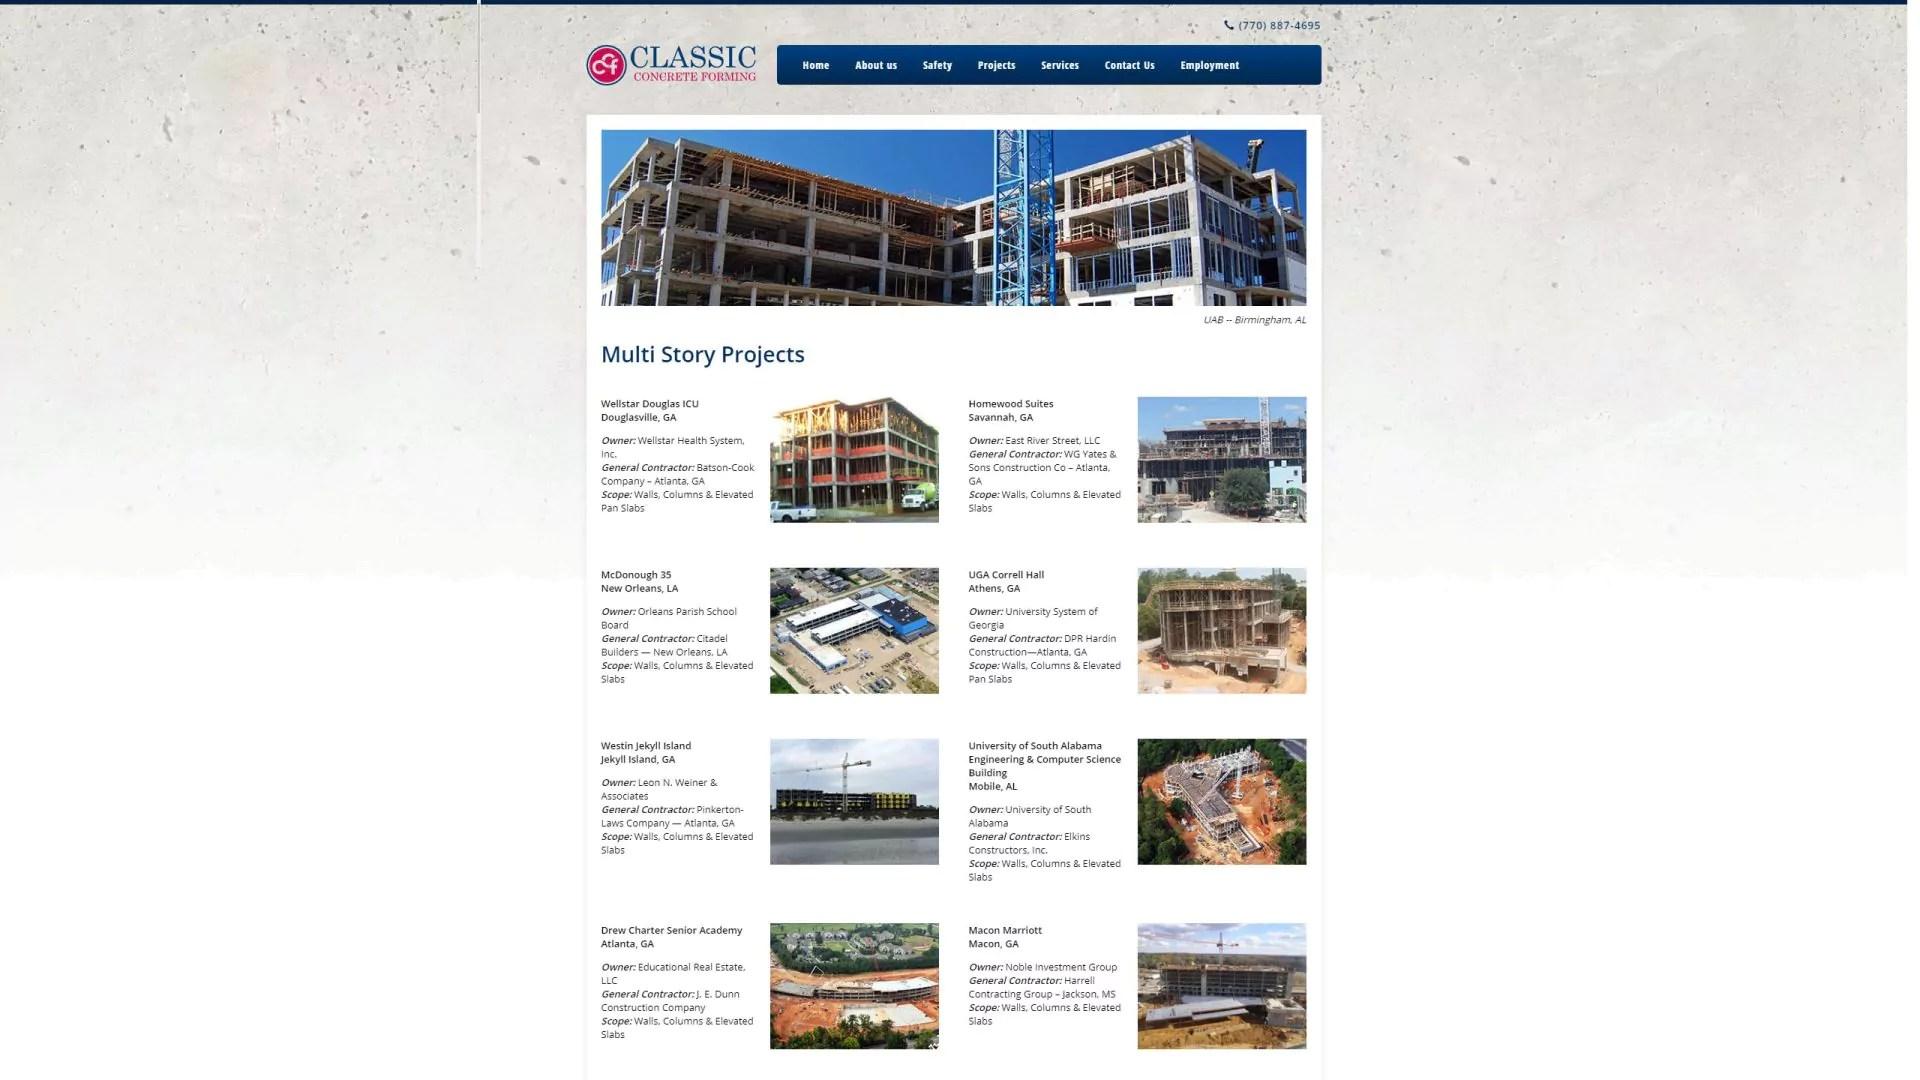 Classic Concrete Forming (Cumming) Desktop Web Design